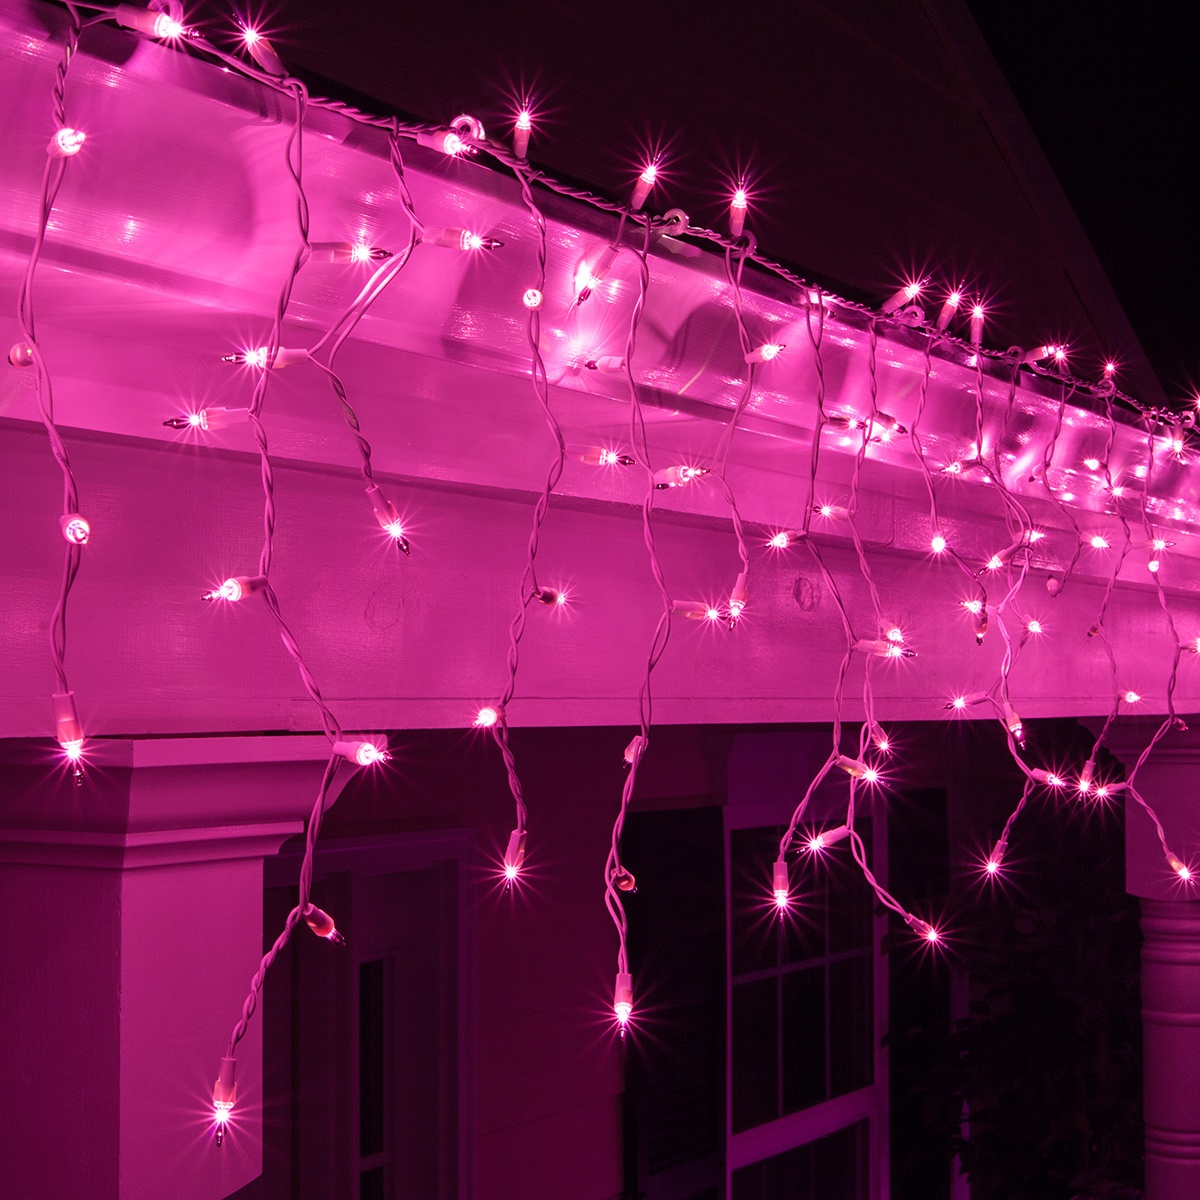 Christmas Lights Color Changing Led